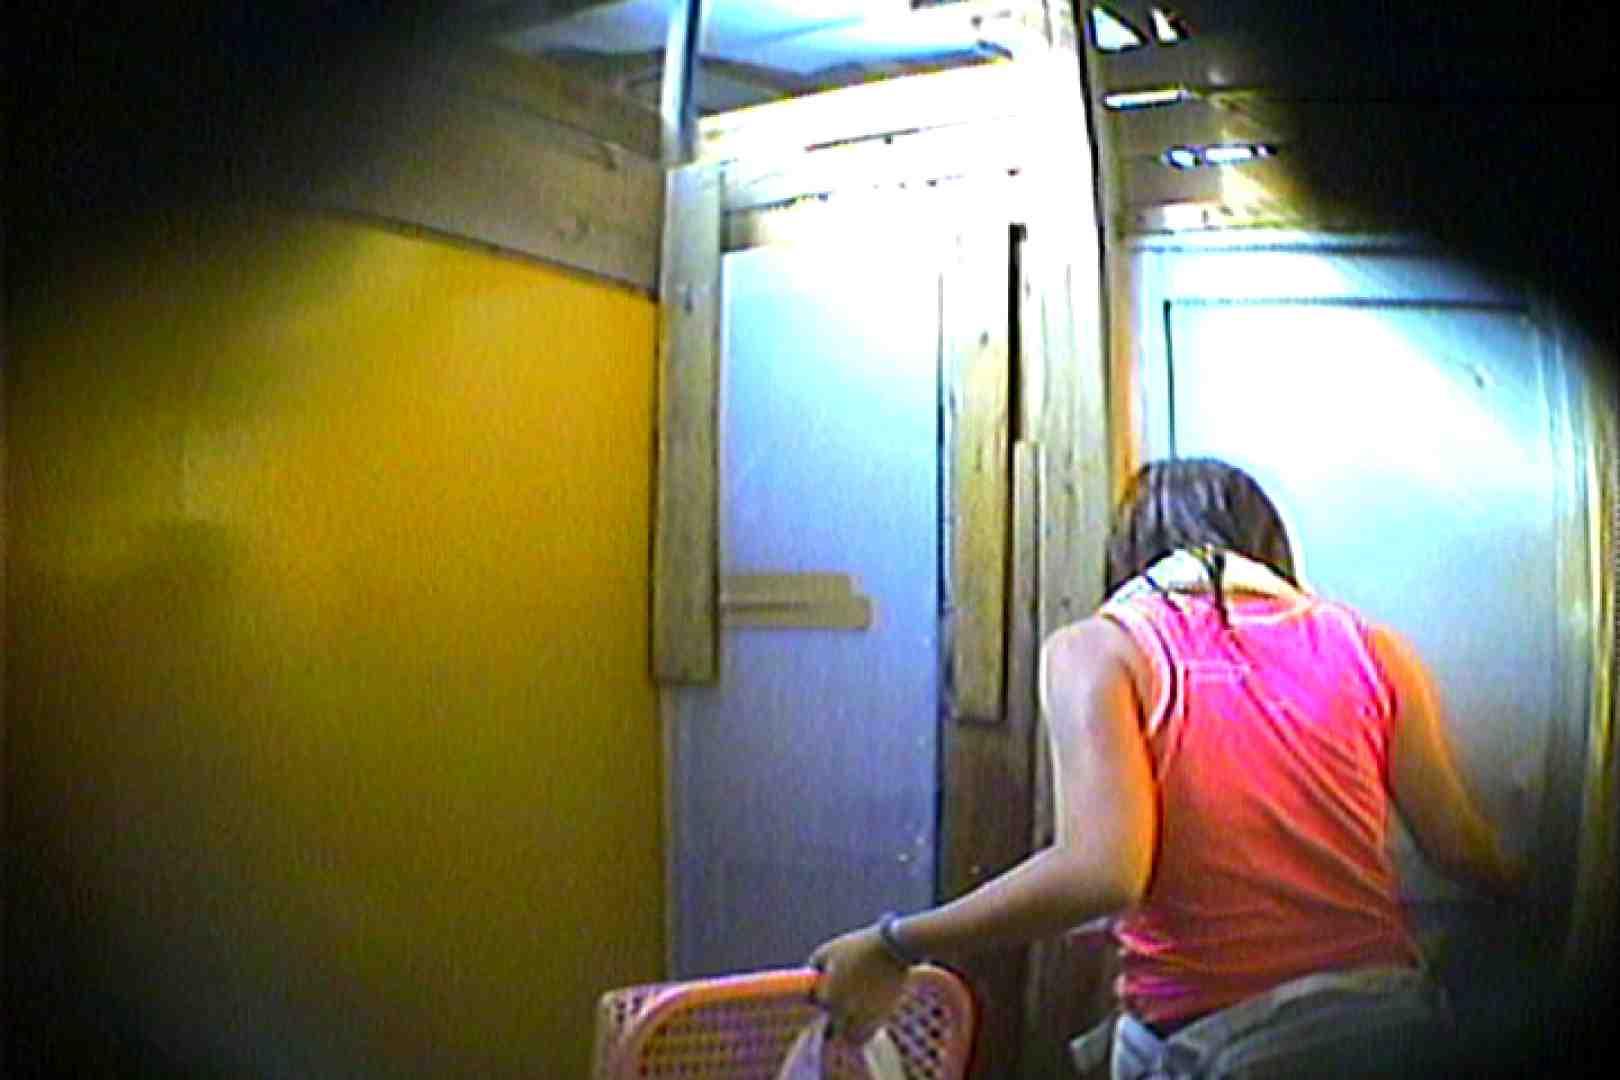 海の家の更衣室 Vol.15 色っぽいOL達 隠し撮りオマンコ動画紹介 95pic 23